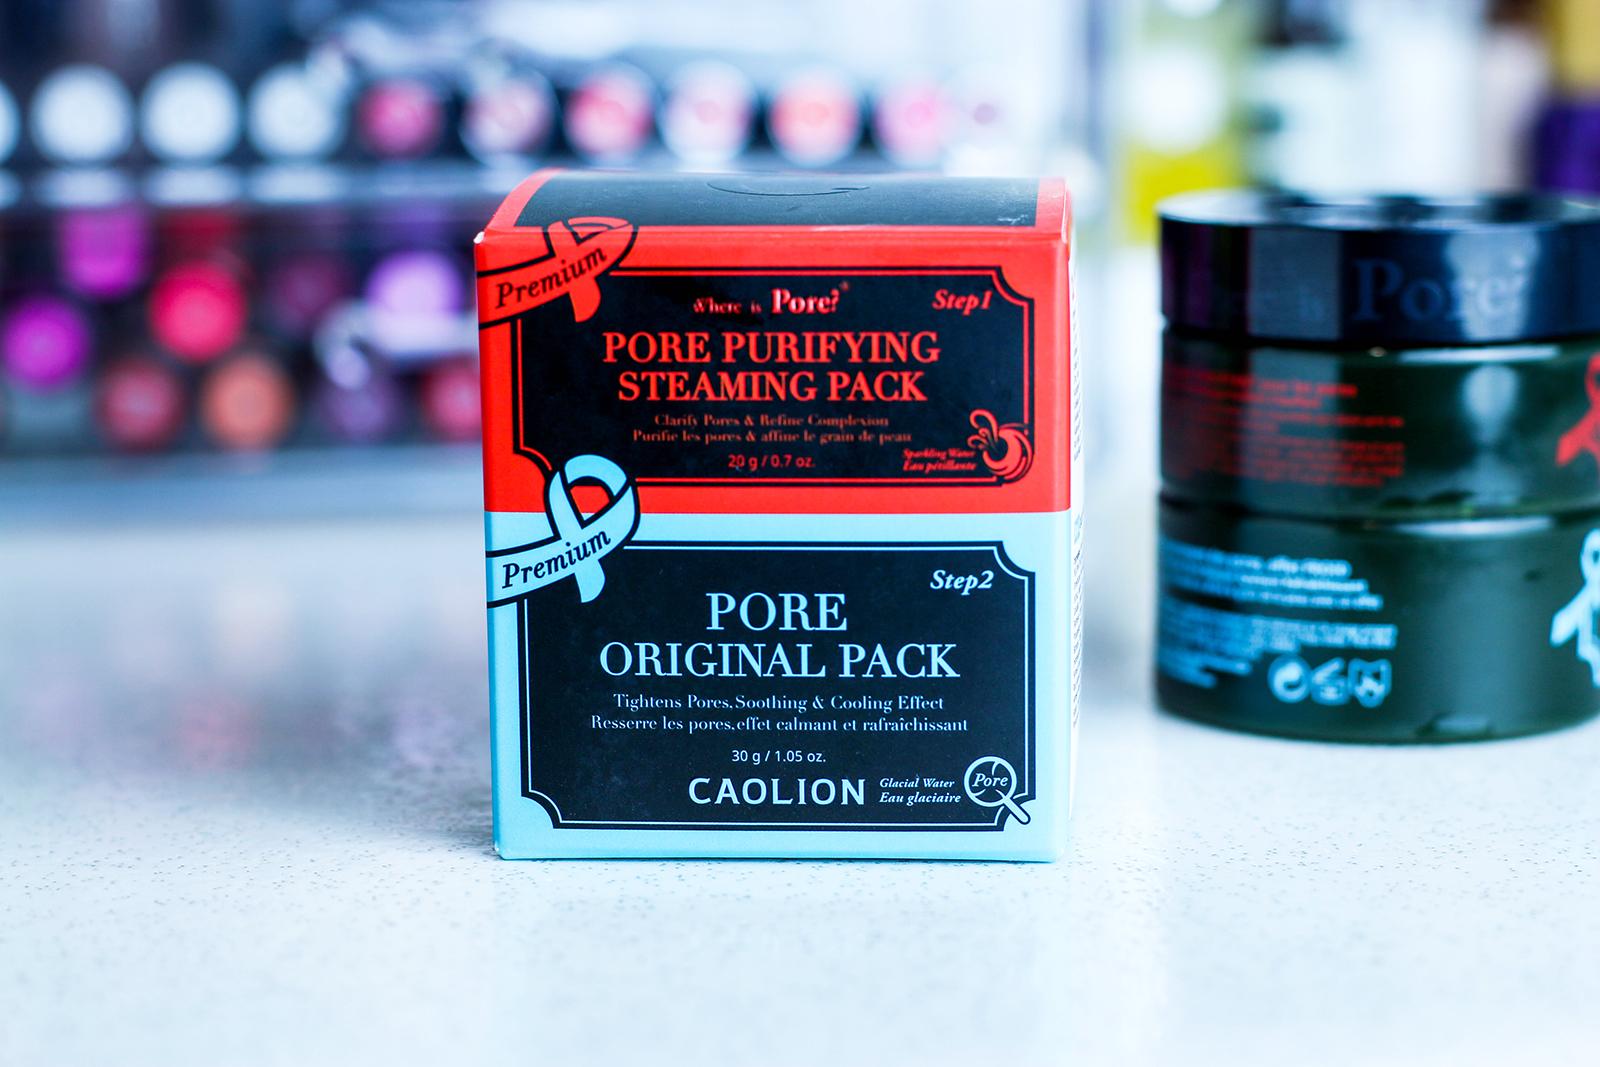 Caolion Duo Premium Masques Pores_2